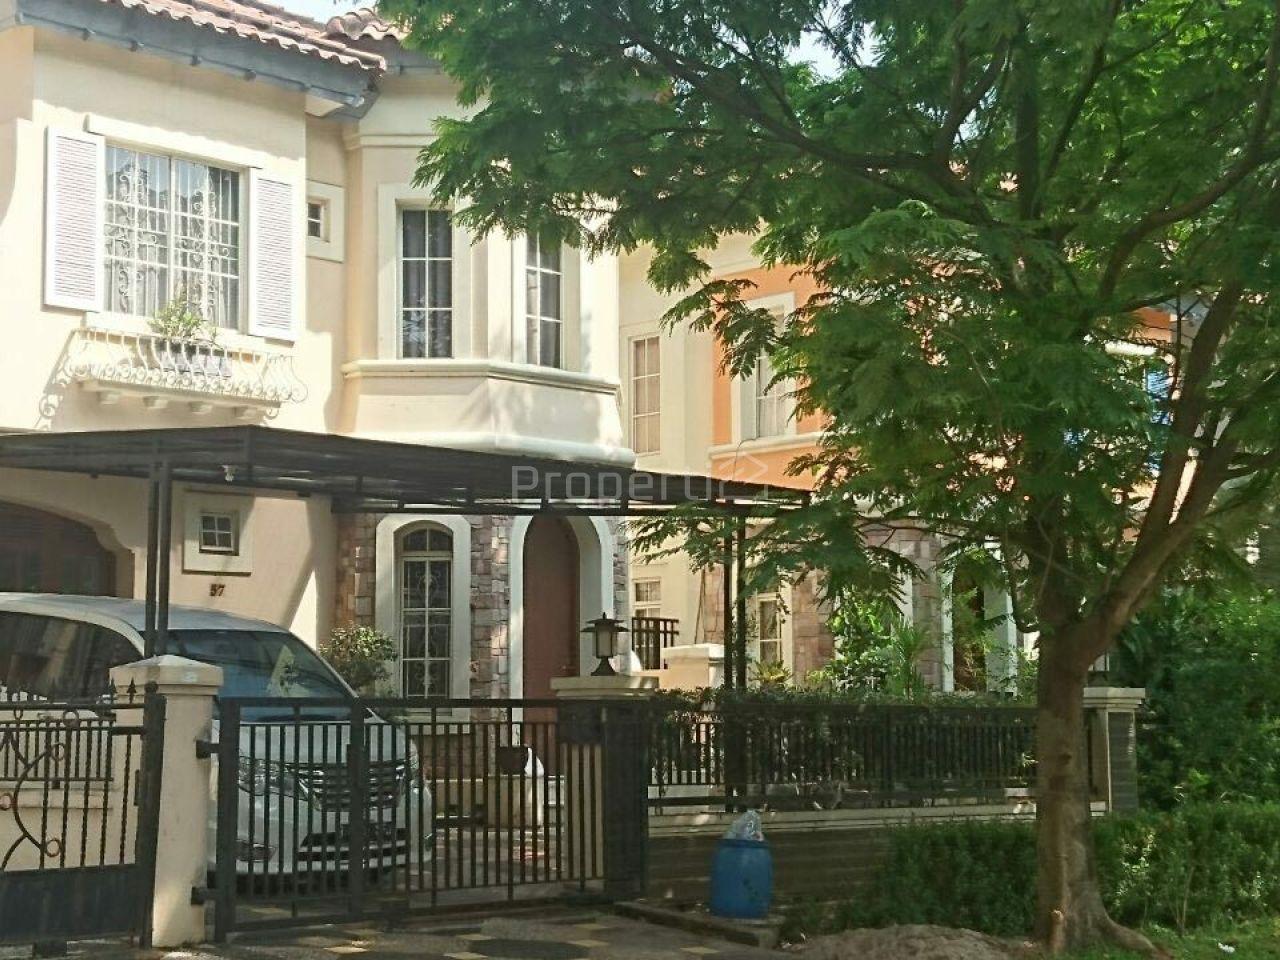 Rumah Perumahan di Lippo Karawaci Utara, Banten